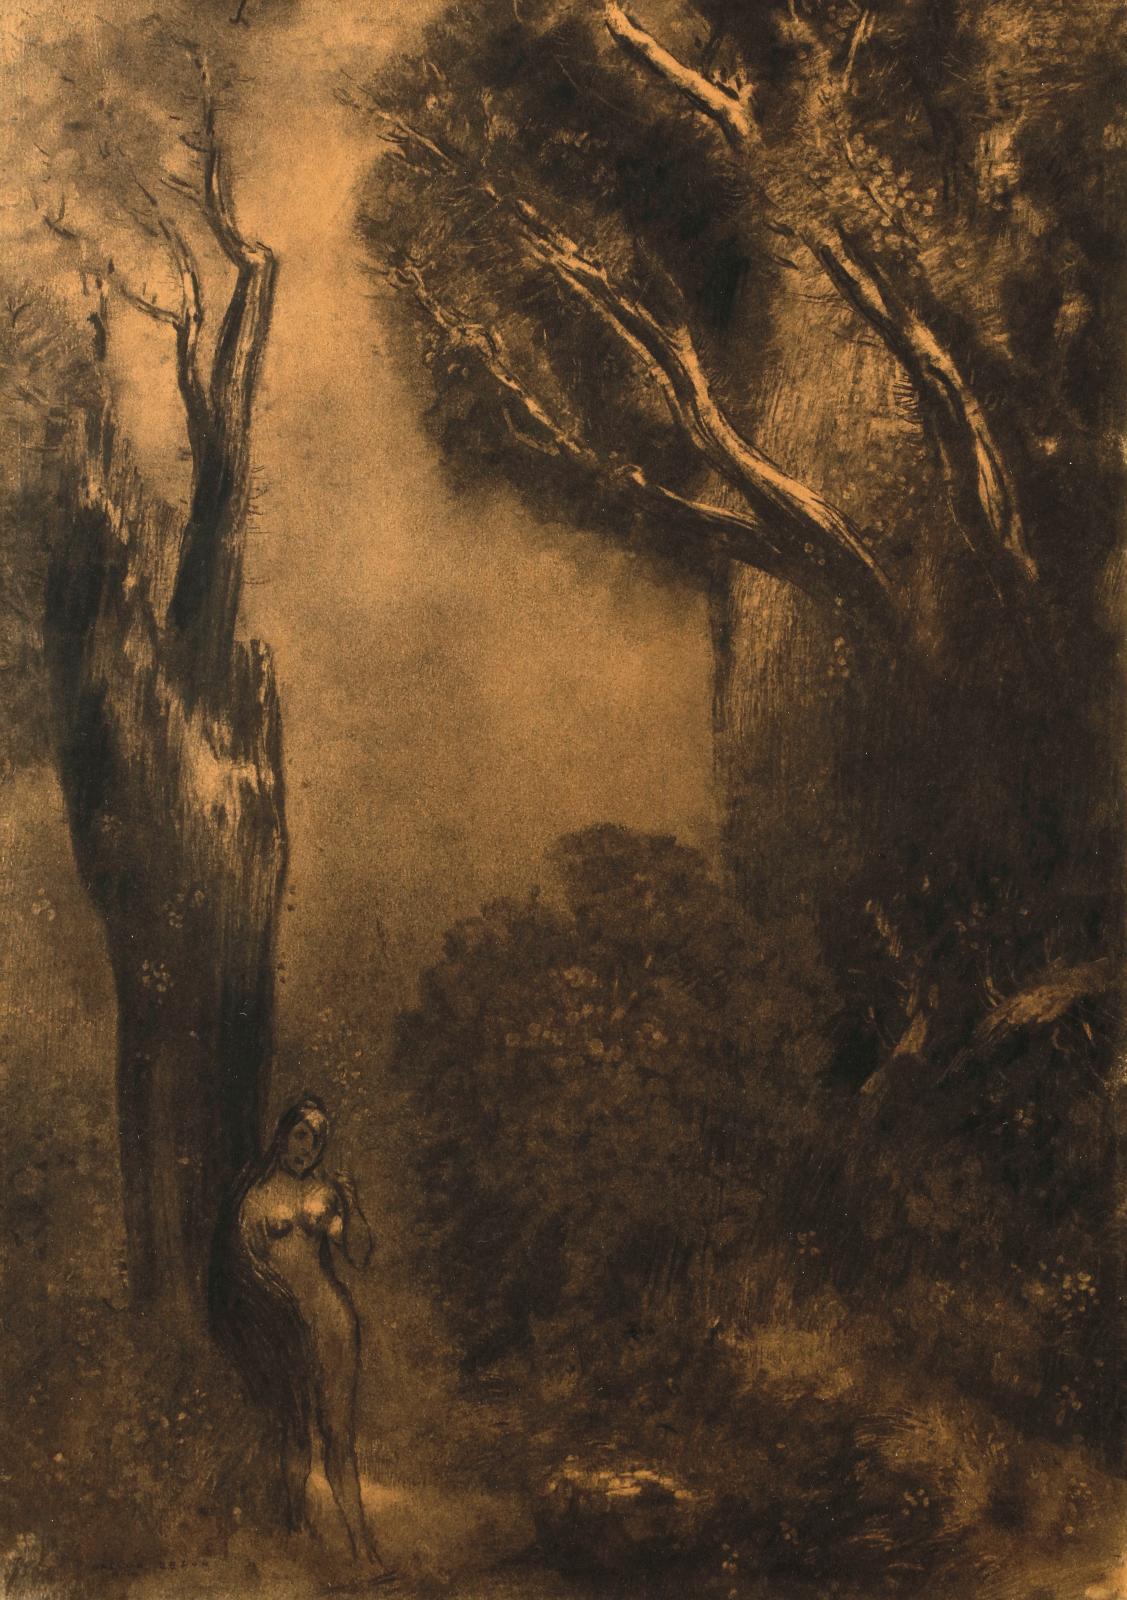 Odilon Redon (1840-1916),Femme nue dans la forêt enchantée, fusain sur papier, 51x36cm. Paris, Drouot, 9 novembre 2018.Ader OVV. Cabin